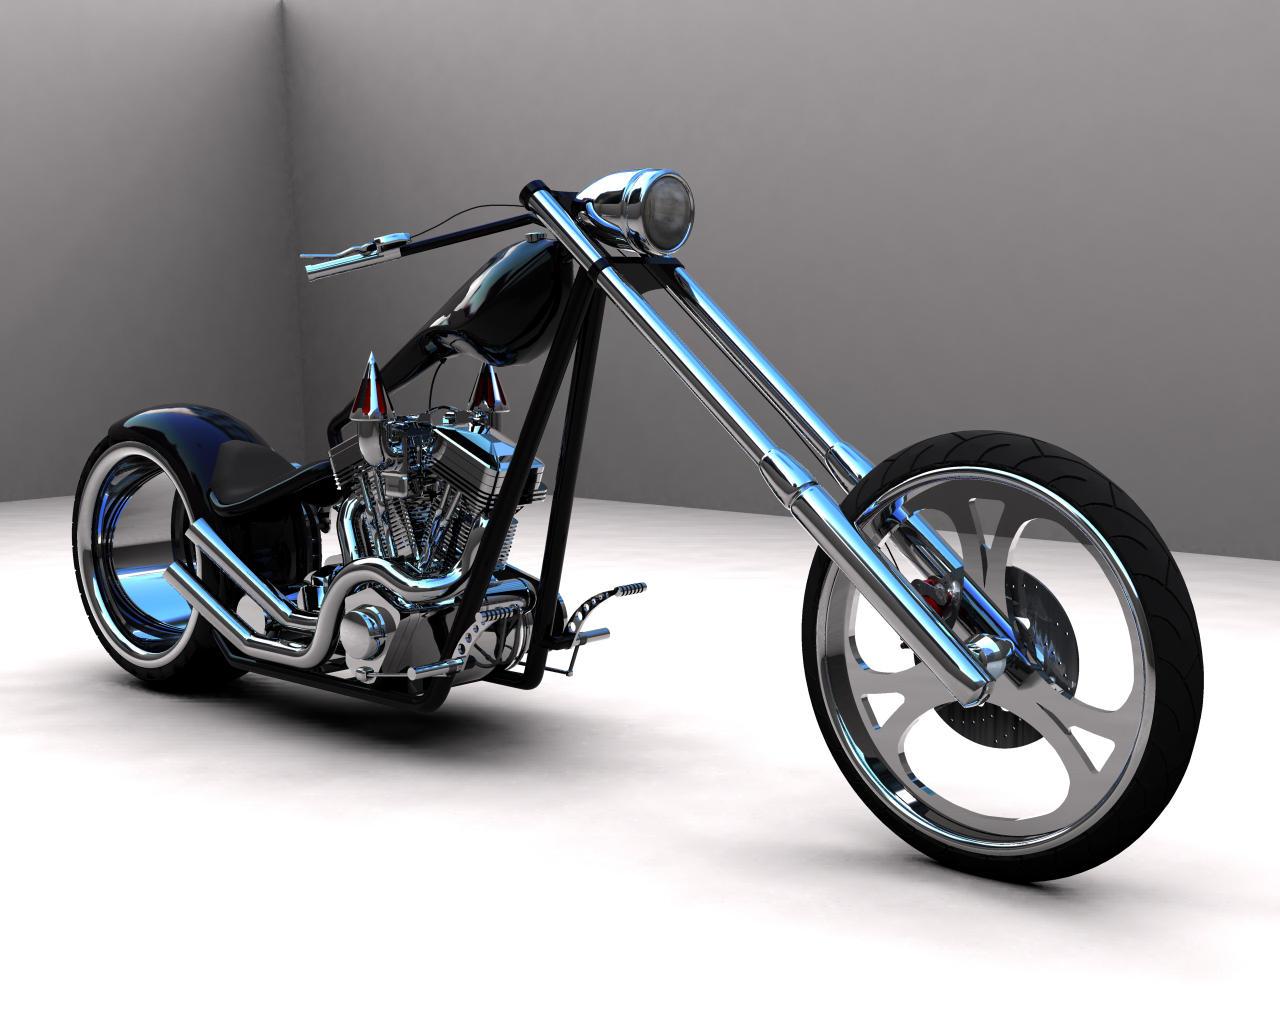 Black Chopper by scogs